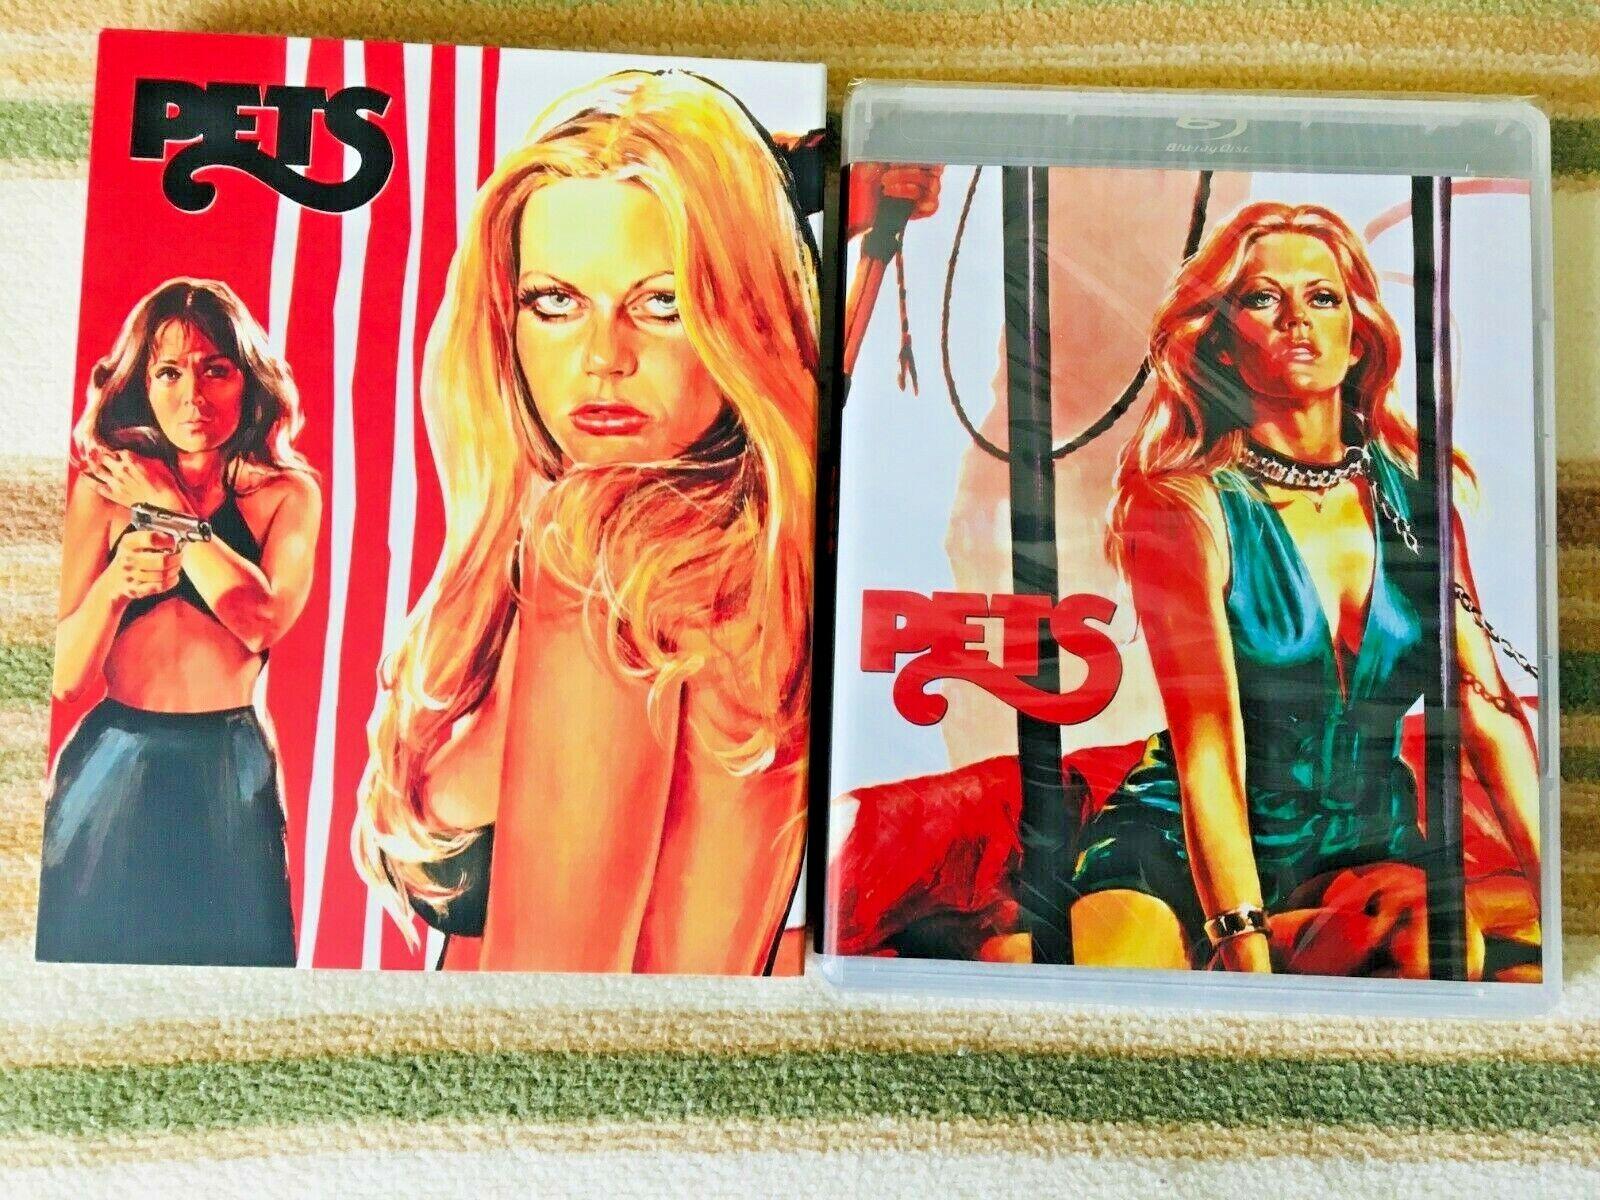 PETS Blu-Ray / DVD  70s Drive-in sex sleaze